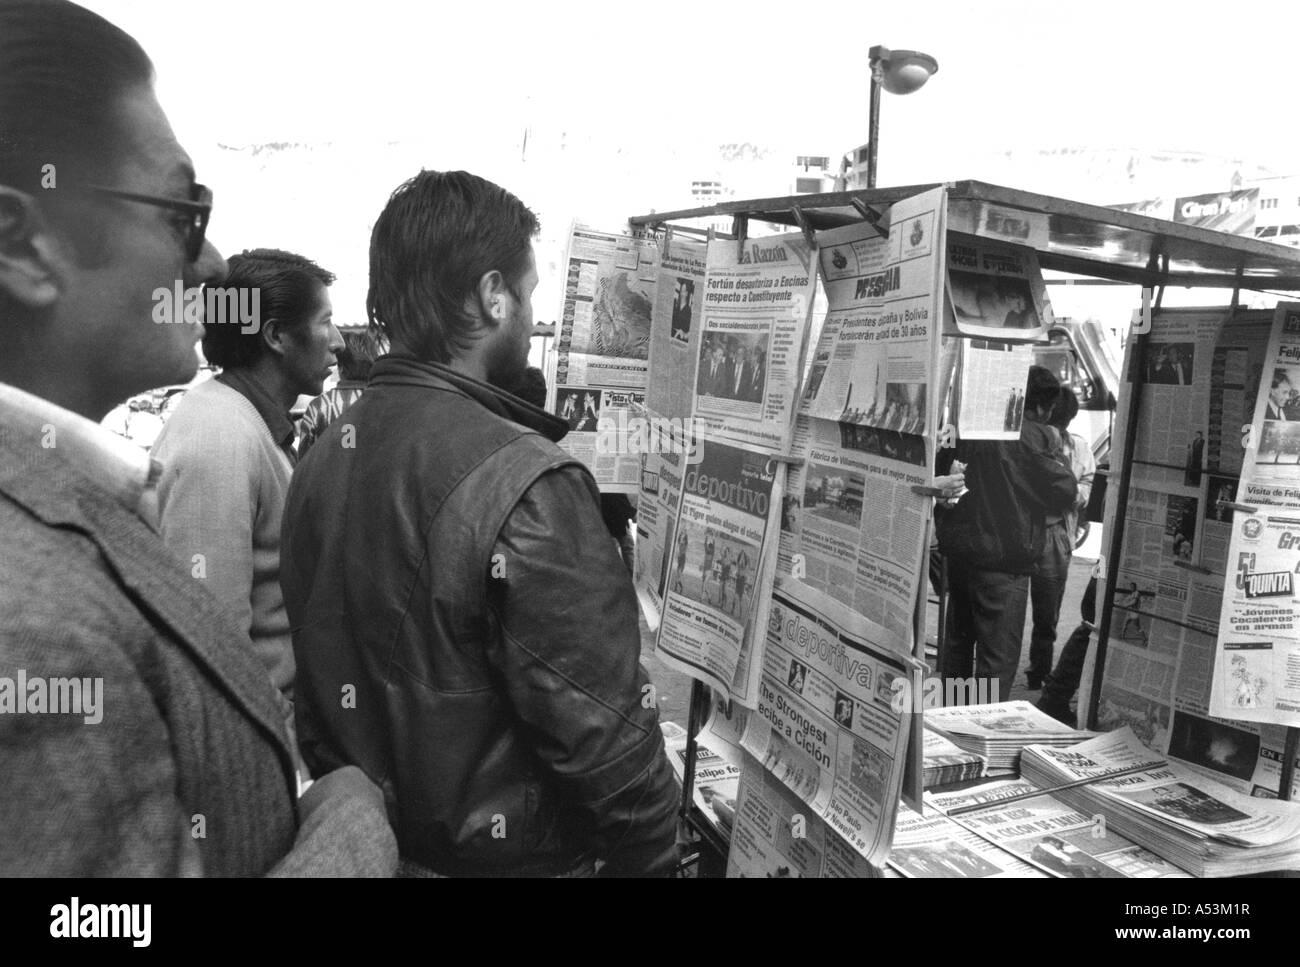 Painet ja1348 en blanco y negro de personas indonesia Yakarta país nación en desarrollo incipiente cultura económicamente desarrollados Foto de stock